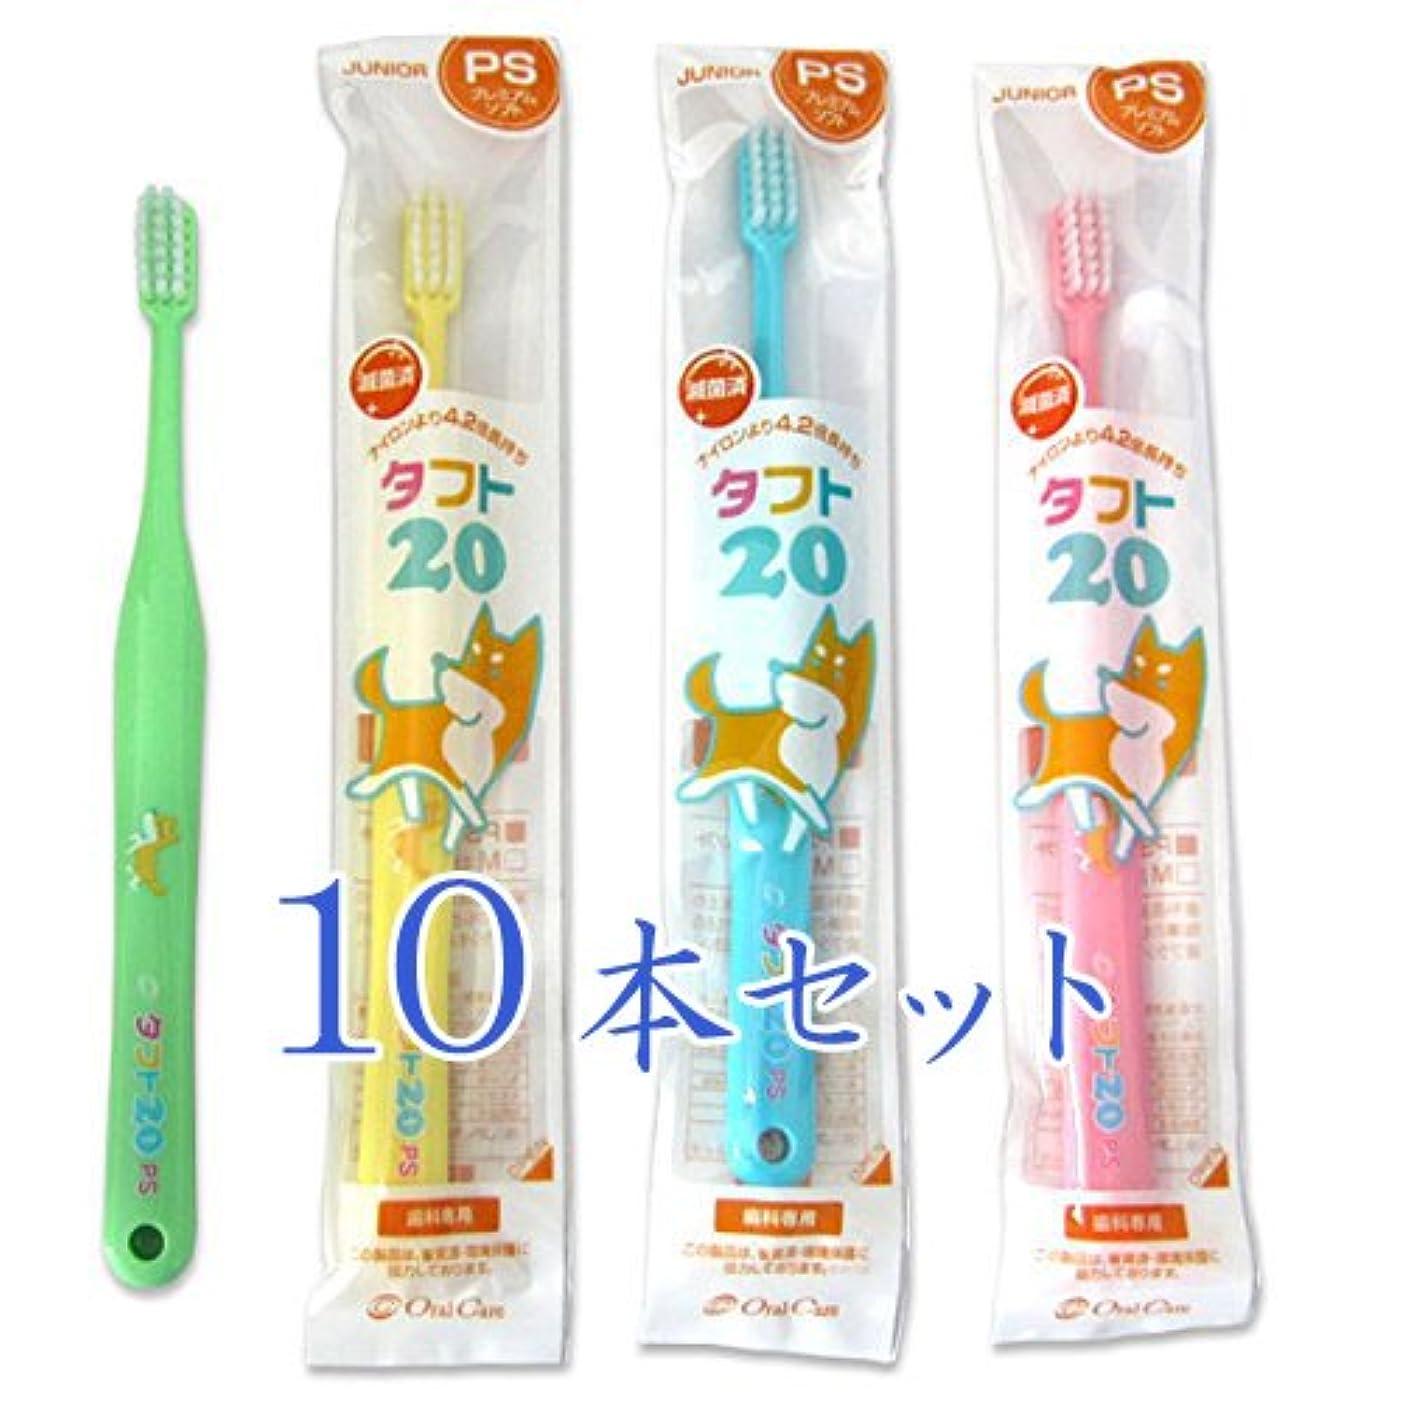 椅子くつろぎ終わりタフト20 PS プレミアムソフト 歯ブラシ混合歯列期用(6~12歳)×10本セット